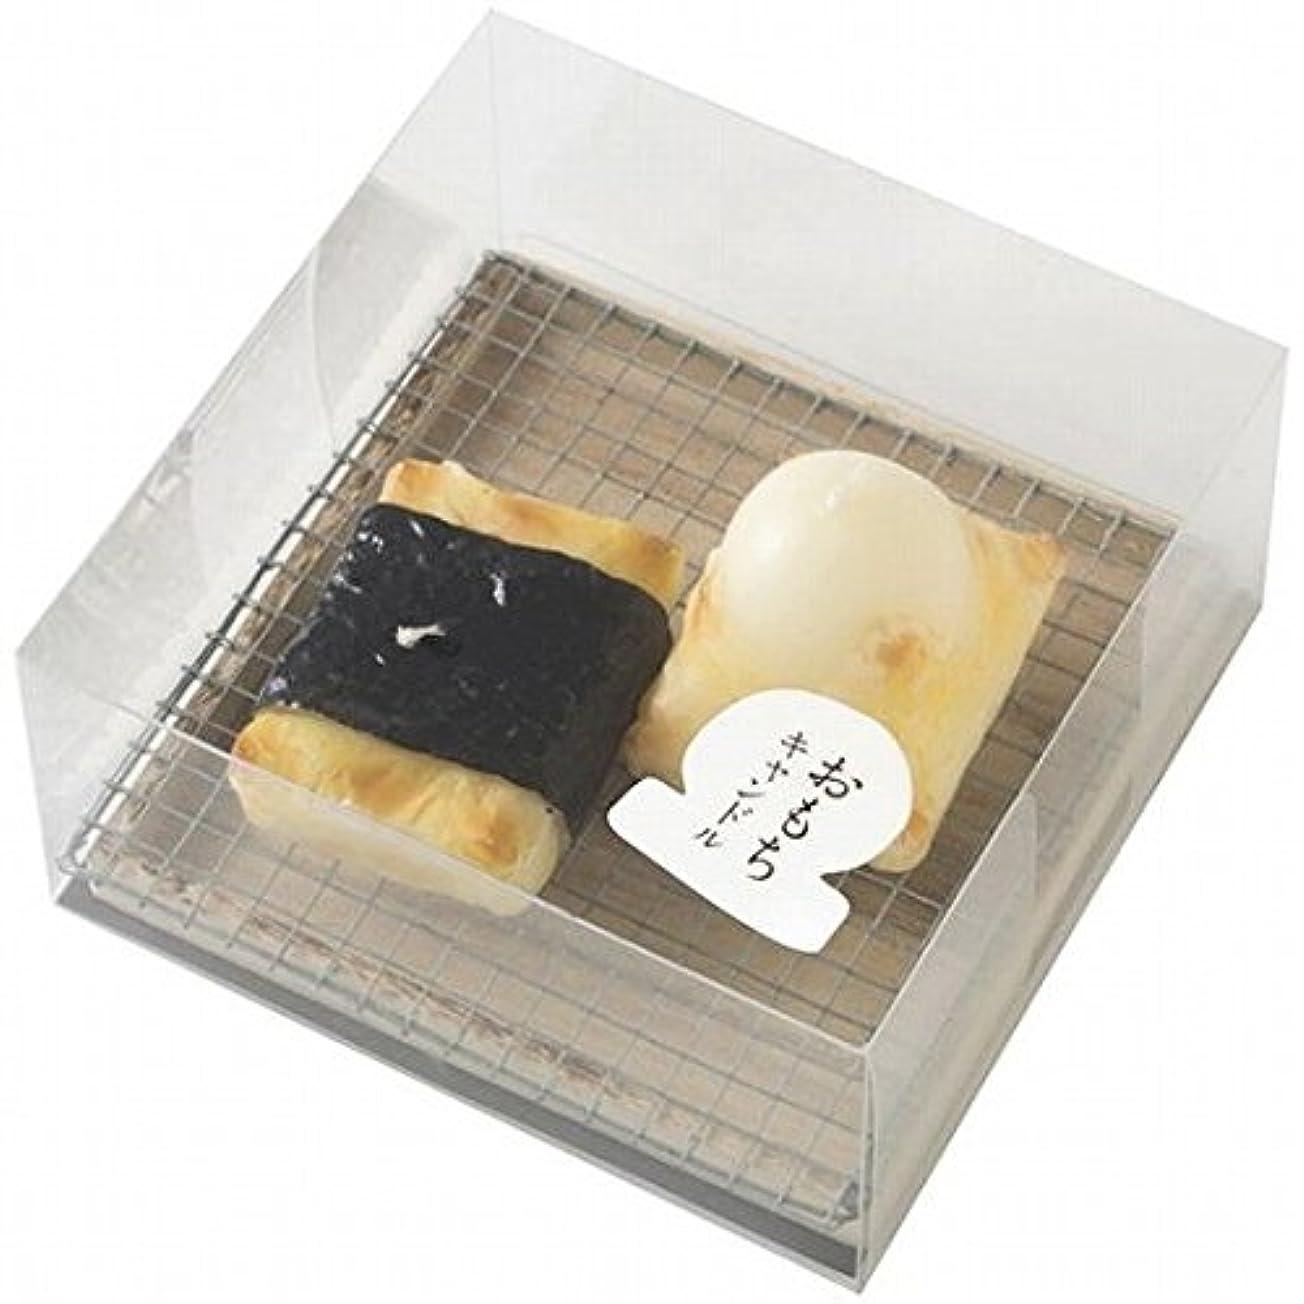 道徳の留まるエジプト人kameyama candle(カメヤマキャンドル) おもちキャンドル(86930000)